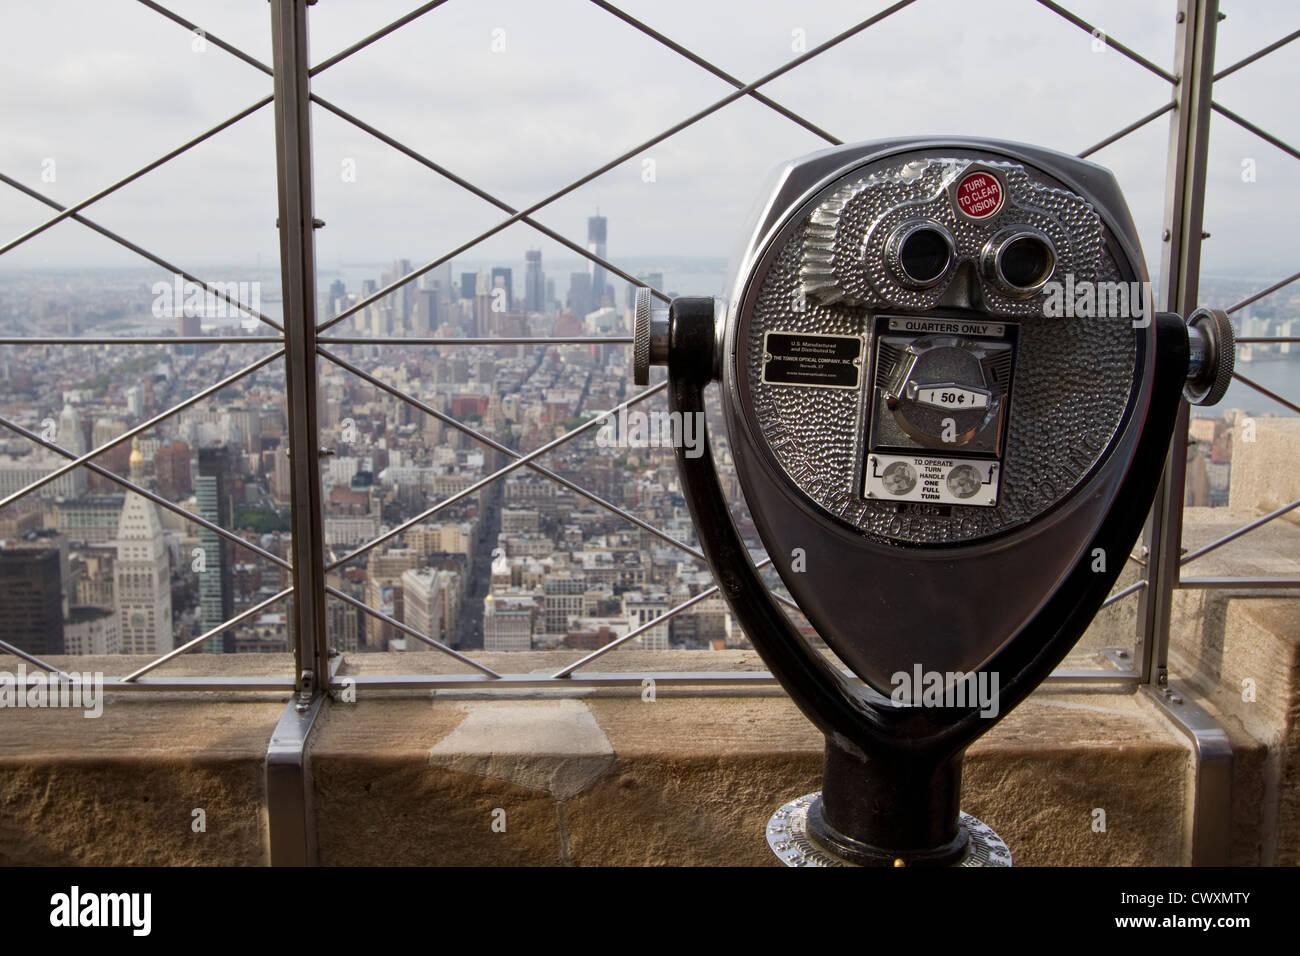 Un mirino al 86º piano osservatorio sull'Empire State building. Immagini Stock